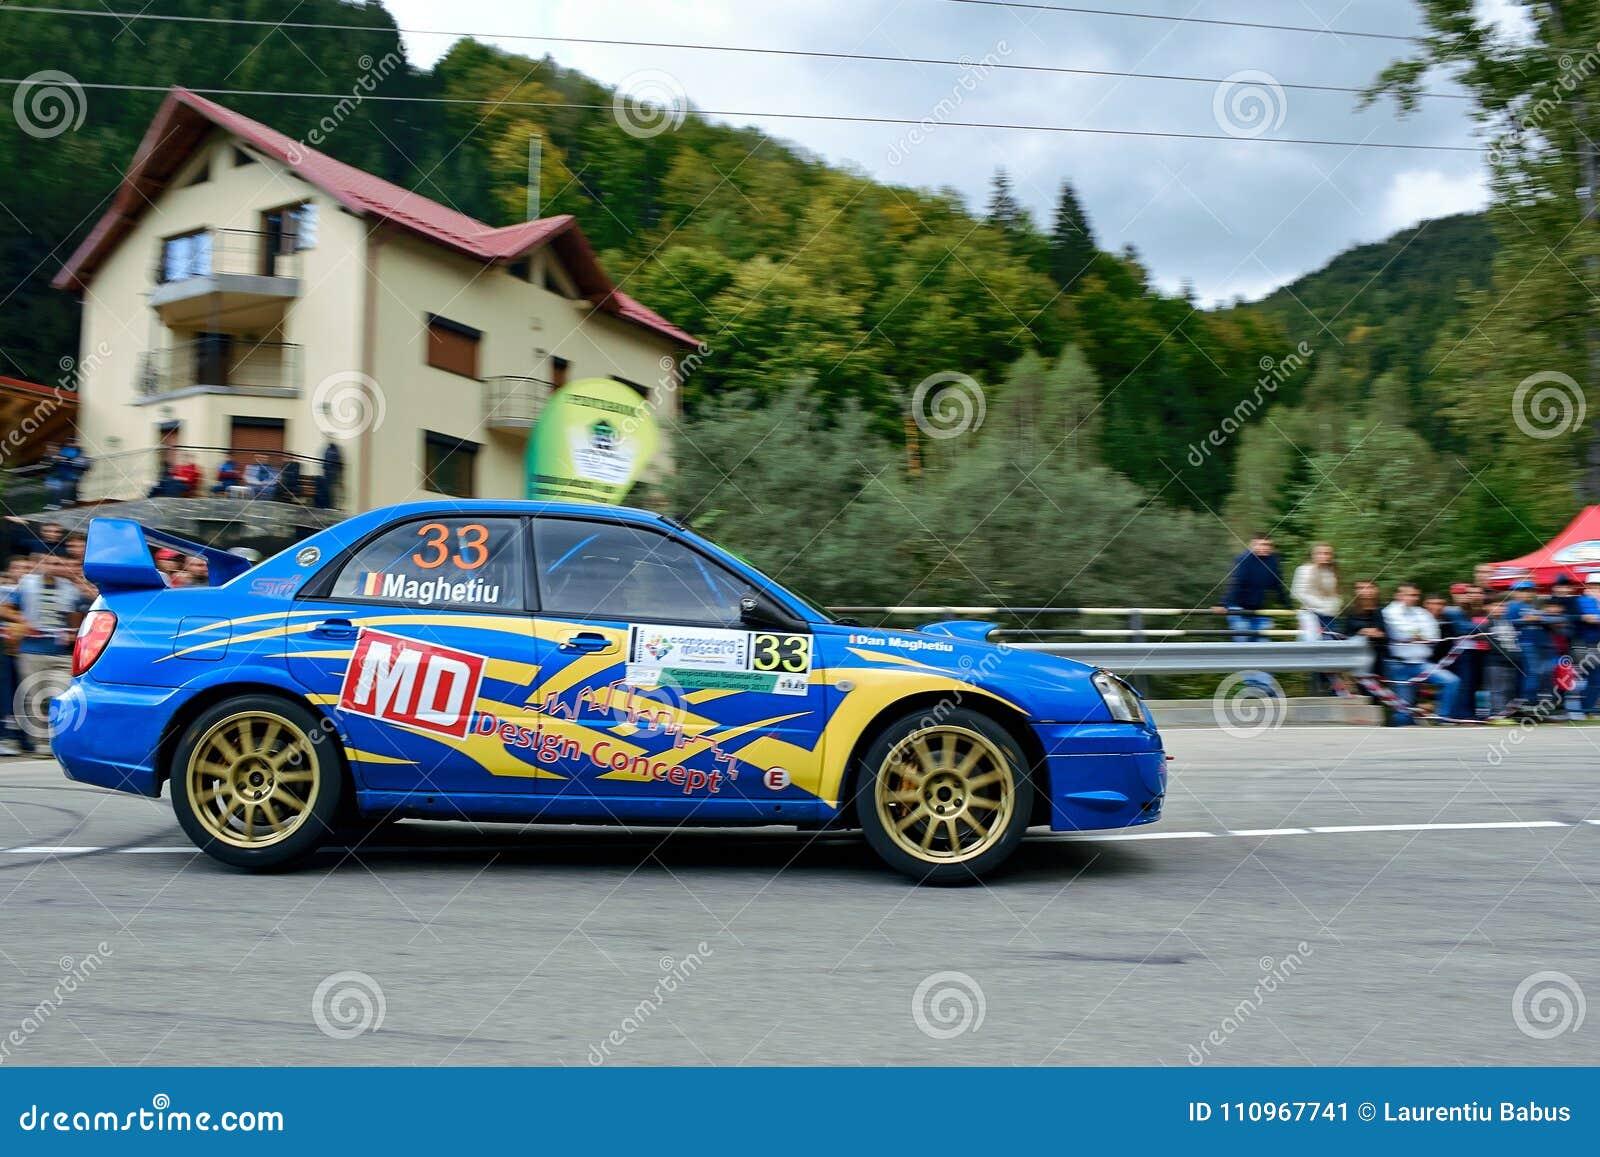 Subaru Impreza WRX STI Tuning Rally Car Editorial Photo - Image of ...